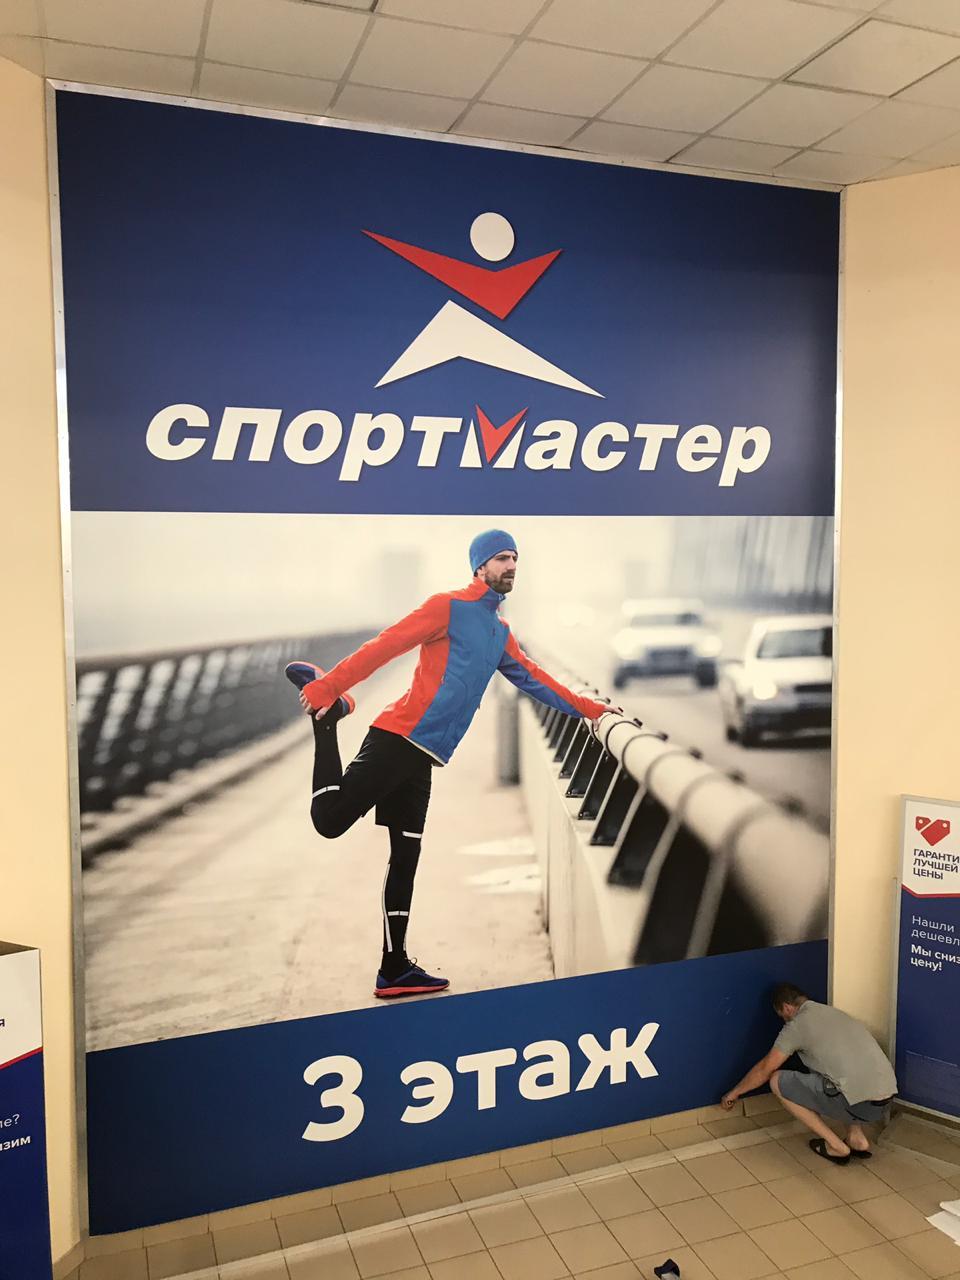 Печать баннера в спортмастере